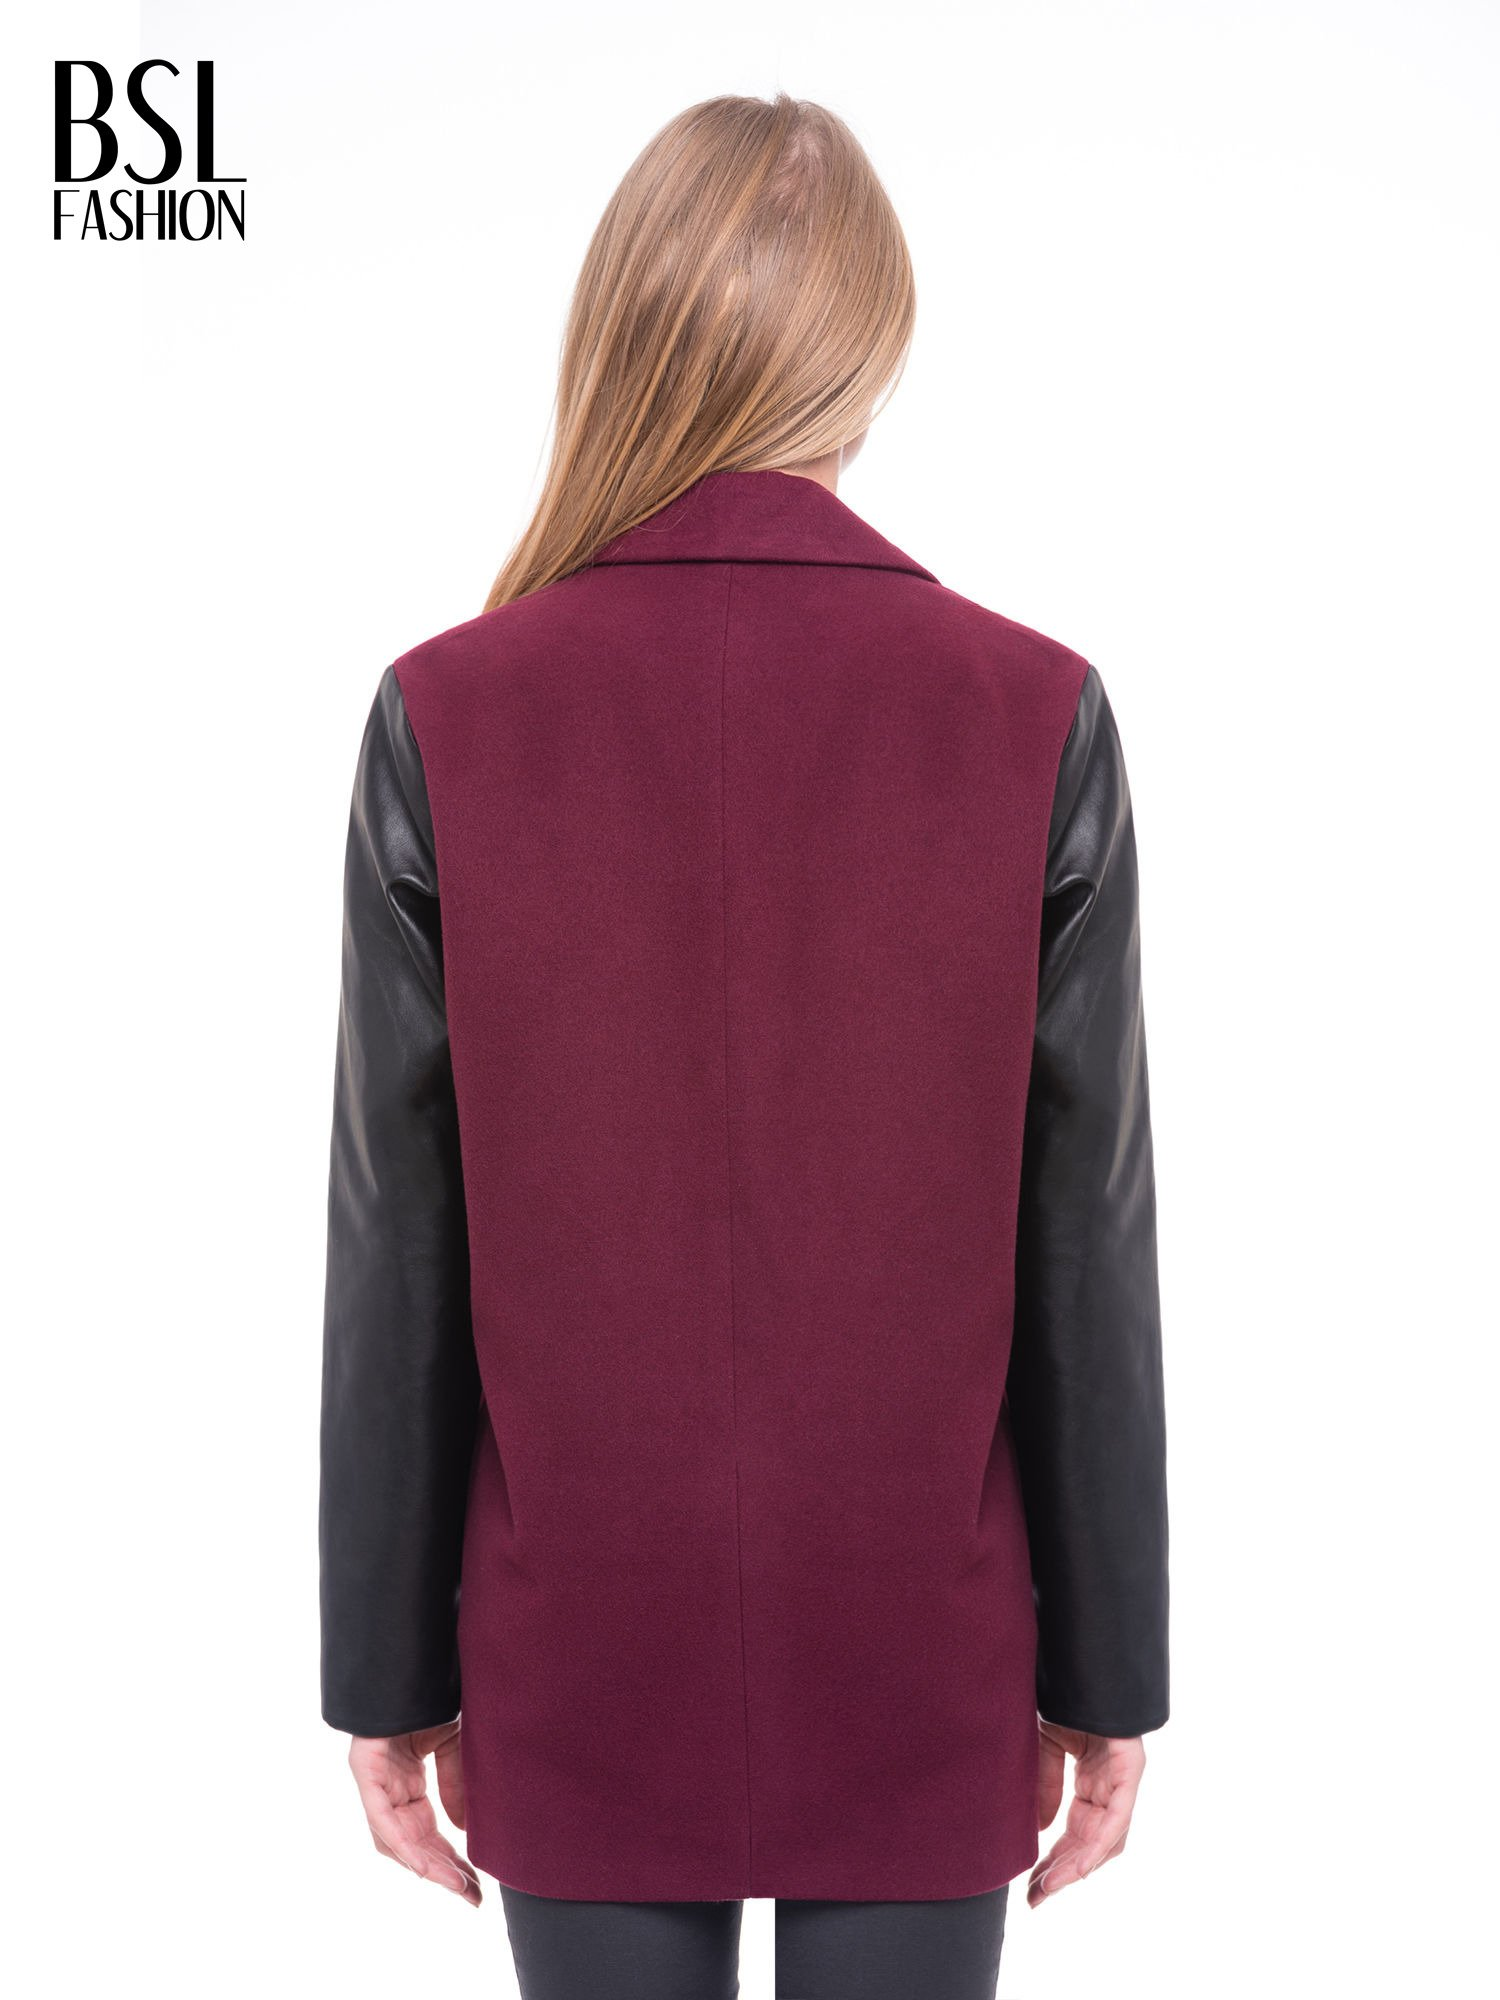 Bordowy płaszcz jednorzędowy ze skórzanymi rękawami                                  zdj.                                  4